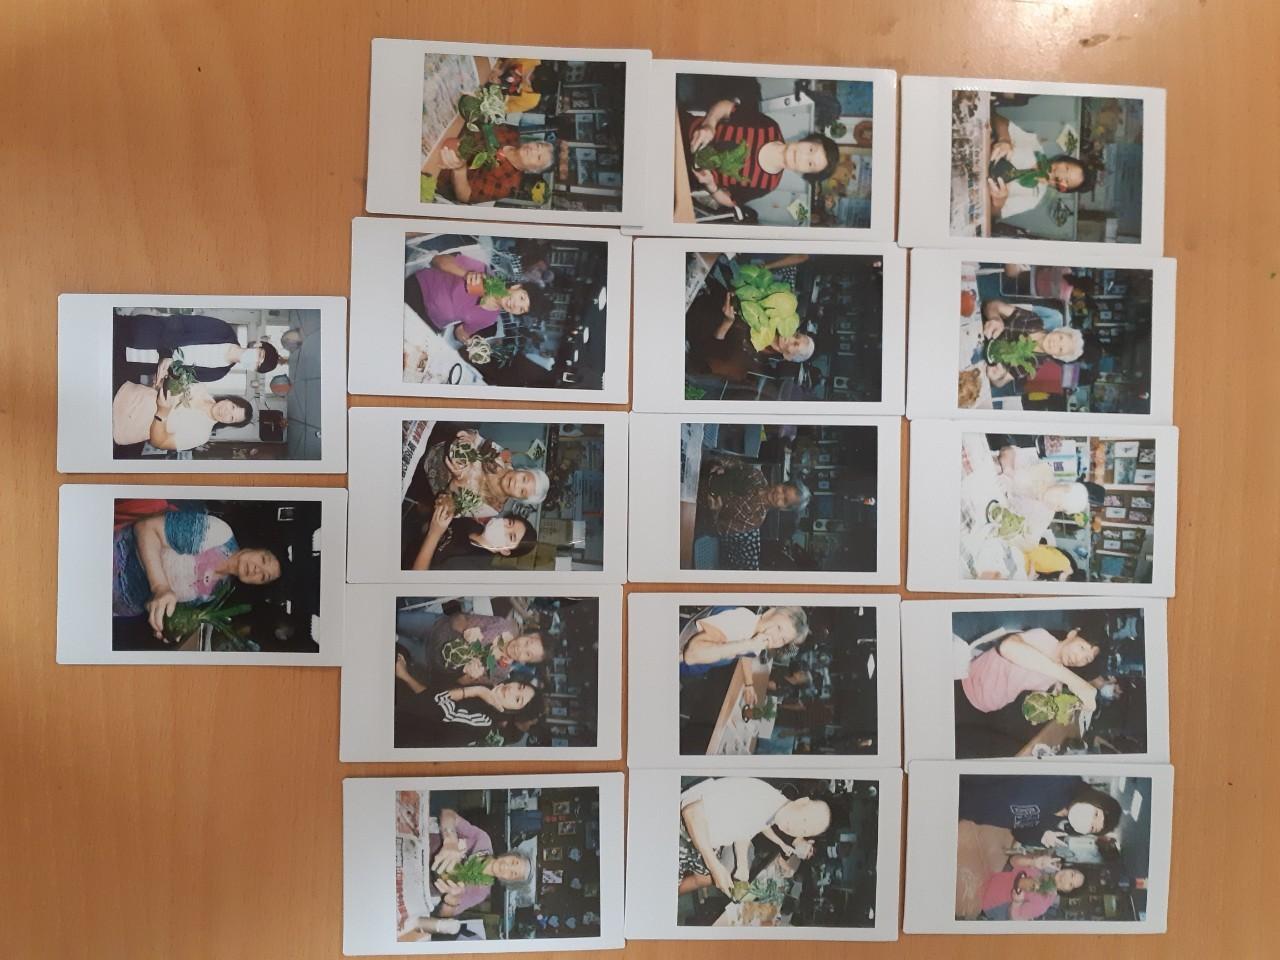 中原景觀系「青銀同樂」苔球工作坊用拍立得幫爺爺奶奶拍照帶回家跟孫兒「炫耀」.jpg